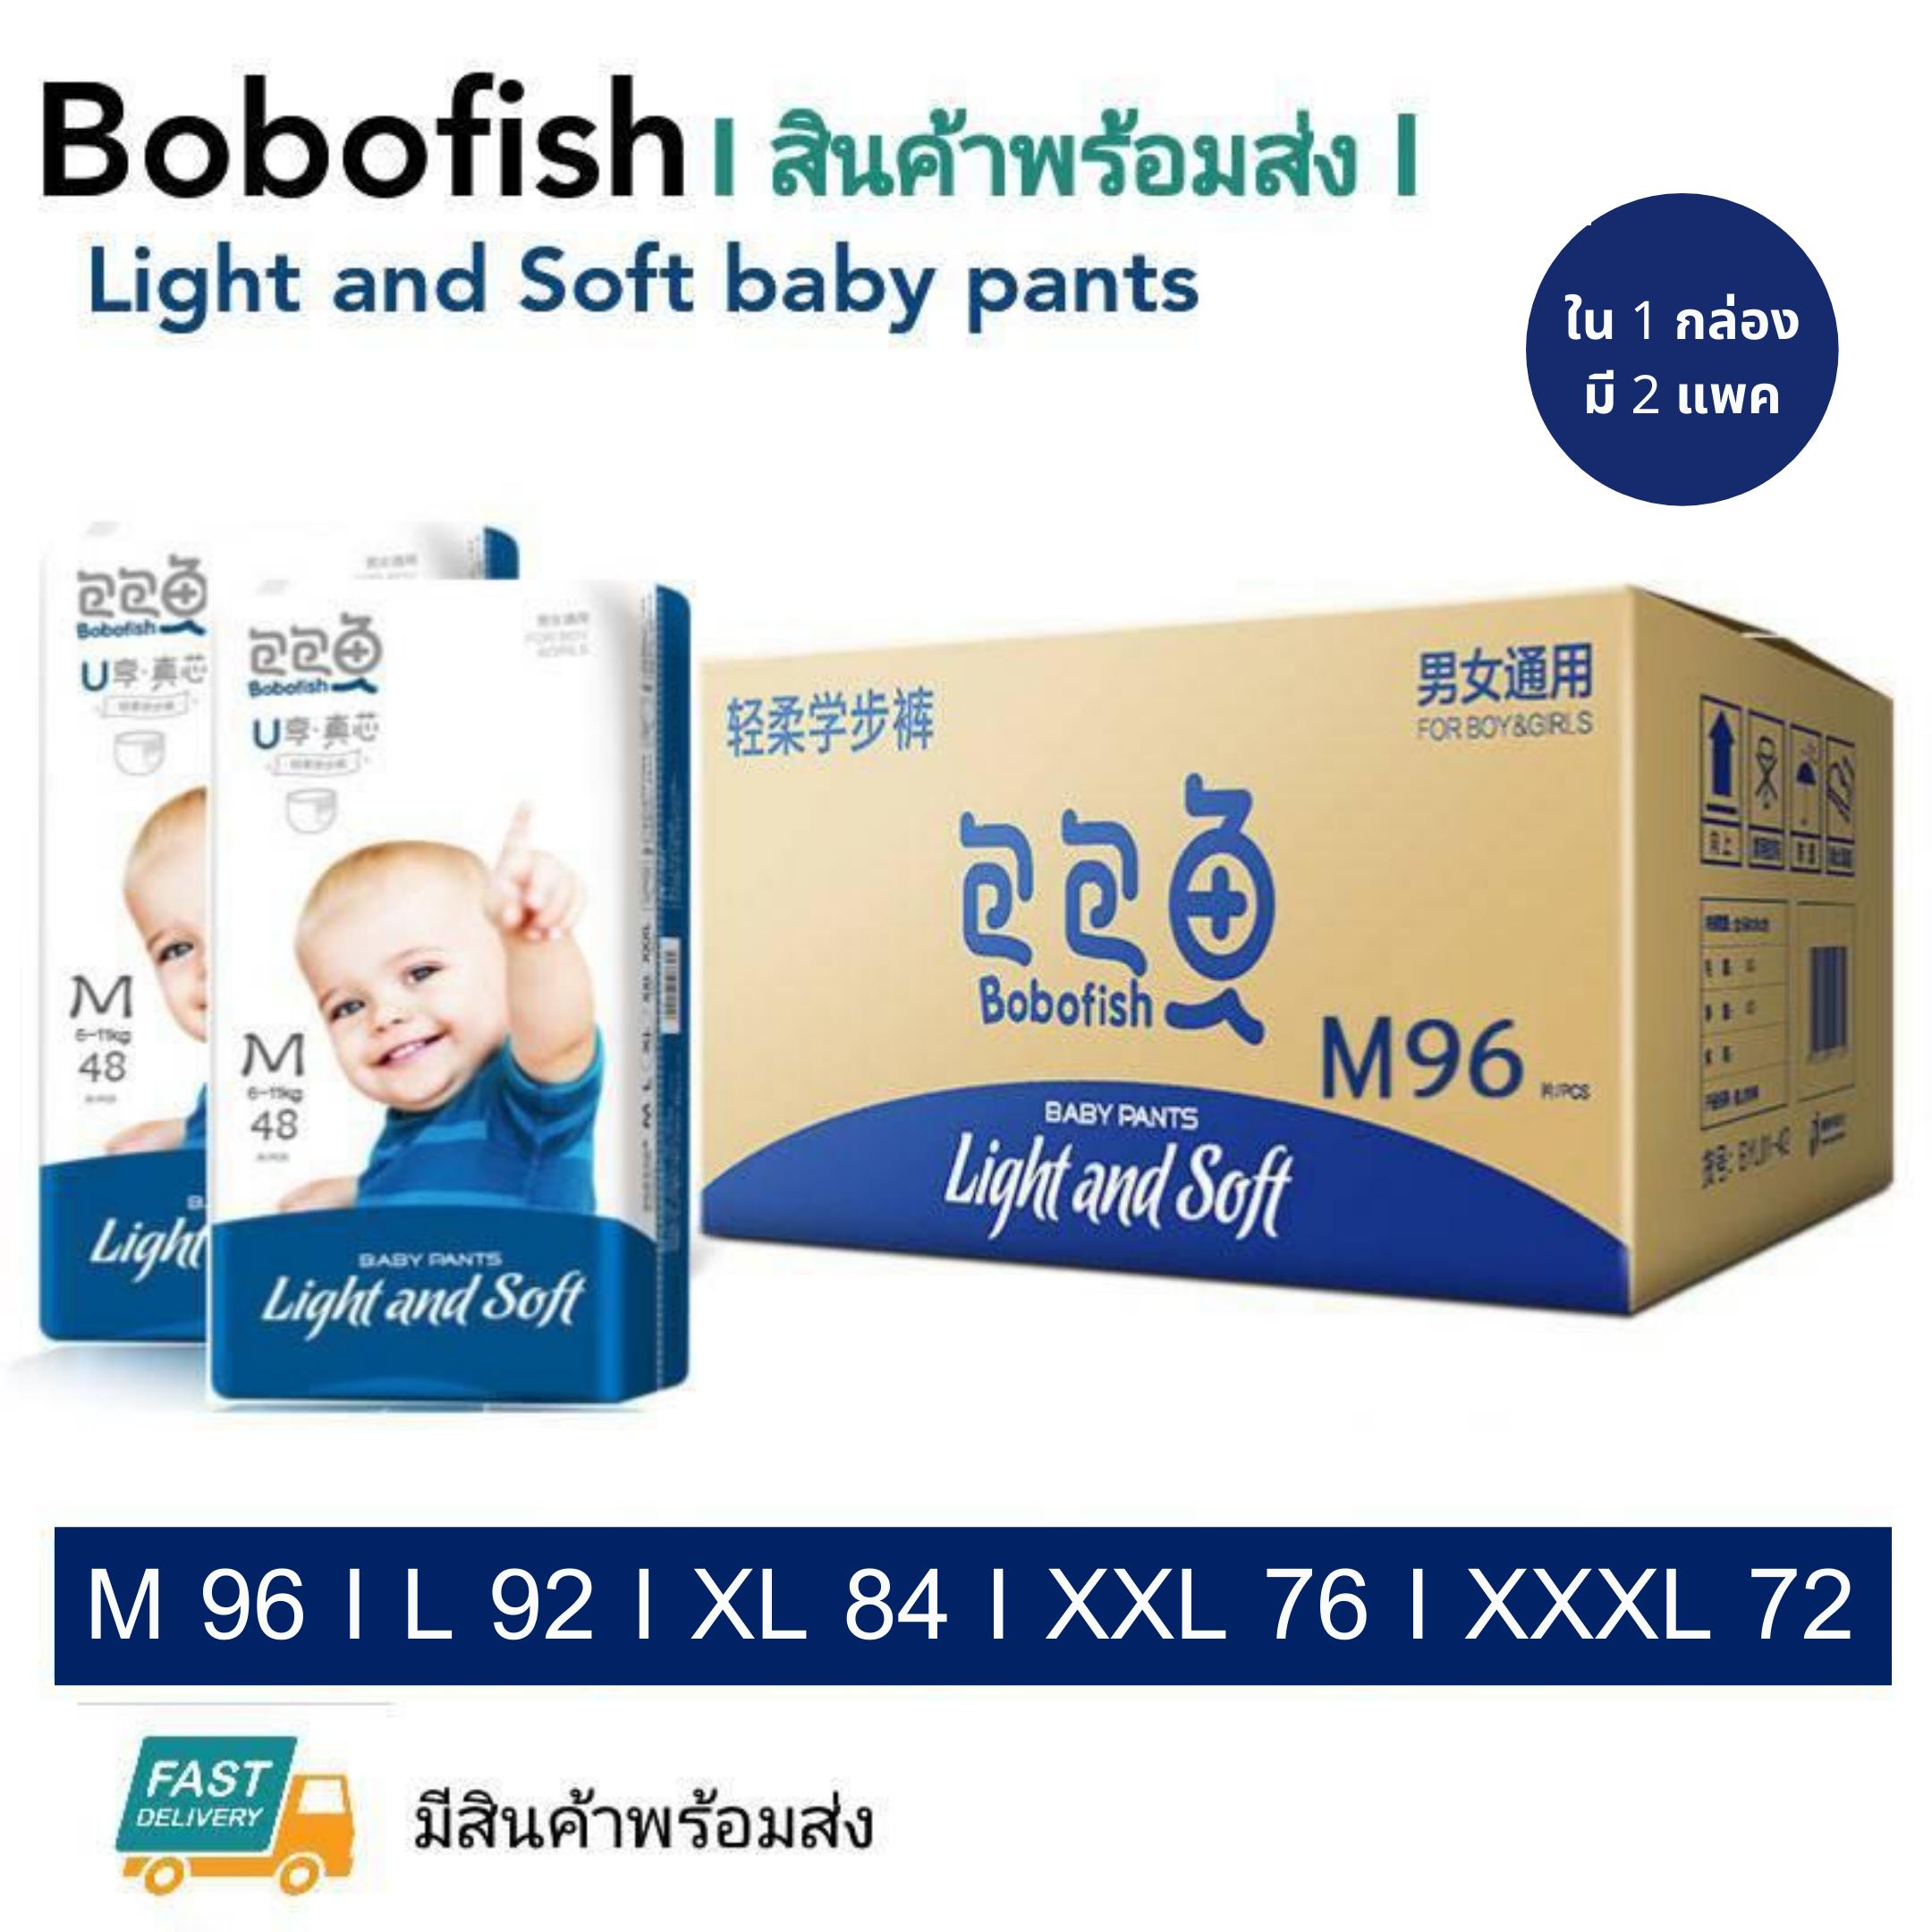 โปรโมชั่น ผ้าอ้อมเด็กสำเร็จรูป Bobofish Pants ผ้าอ้อมสำเร็จรูปแบบกางเกง แพมเพิสเด็ก ( 1 ลัง ) l Size M L XL XXL XXXL l สินค้าพร้อมส่ง ( 1 ลัง )